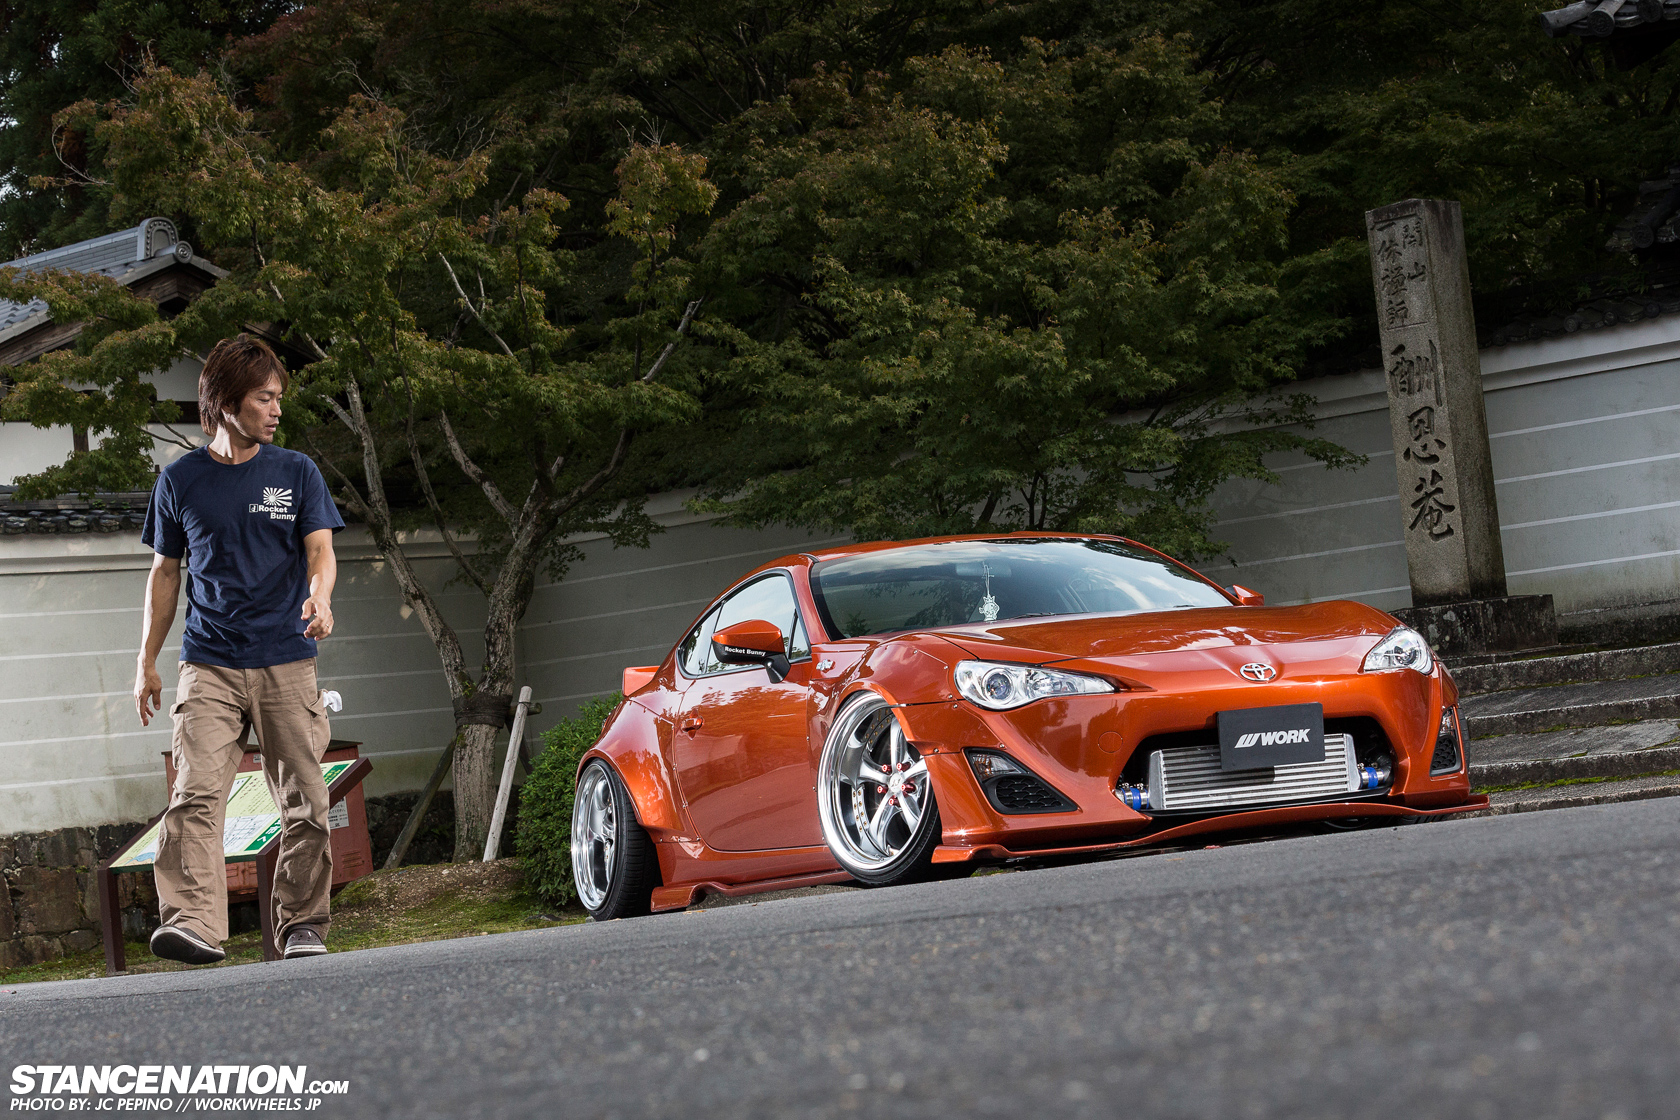 TRA_KYOTO_Toyota_86_VSKF-(11)